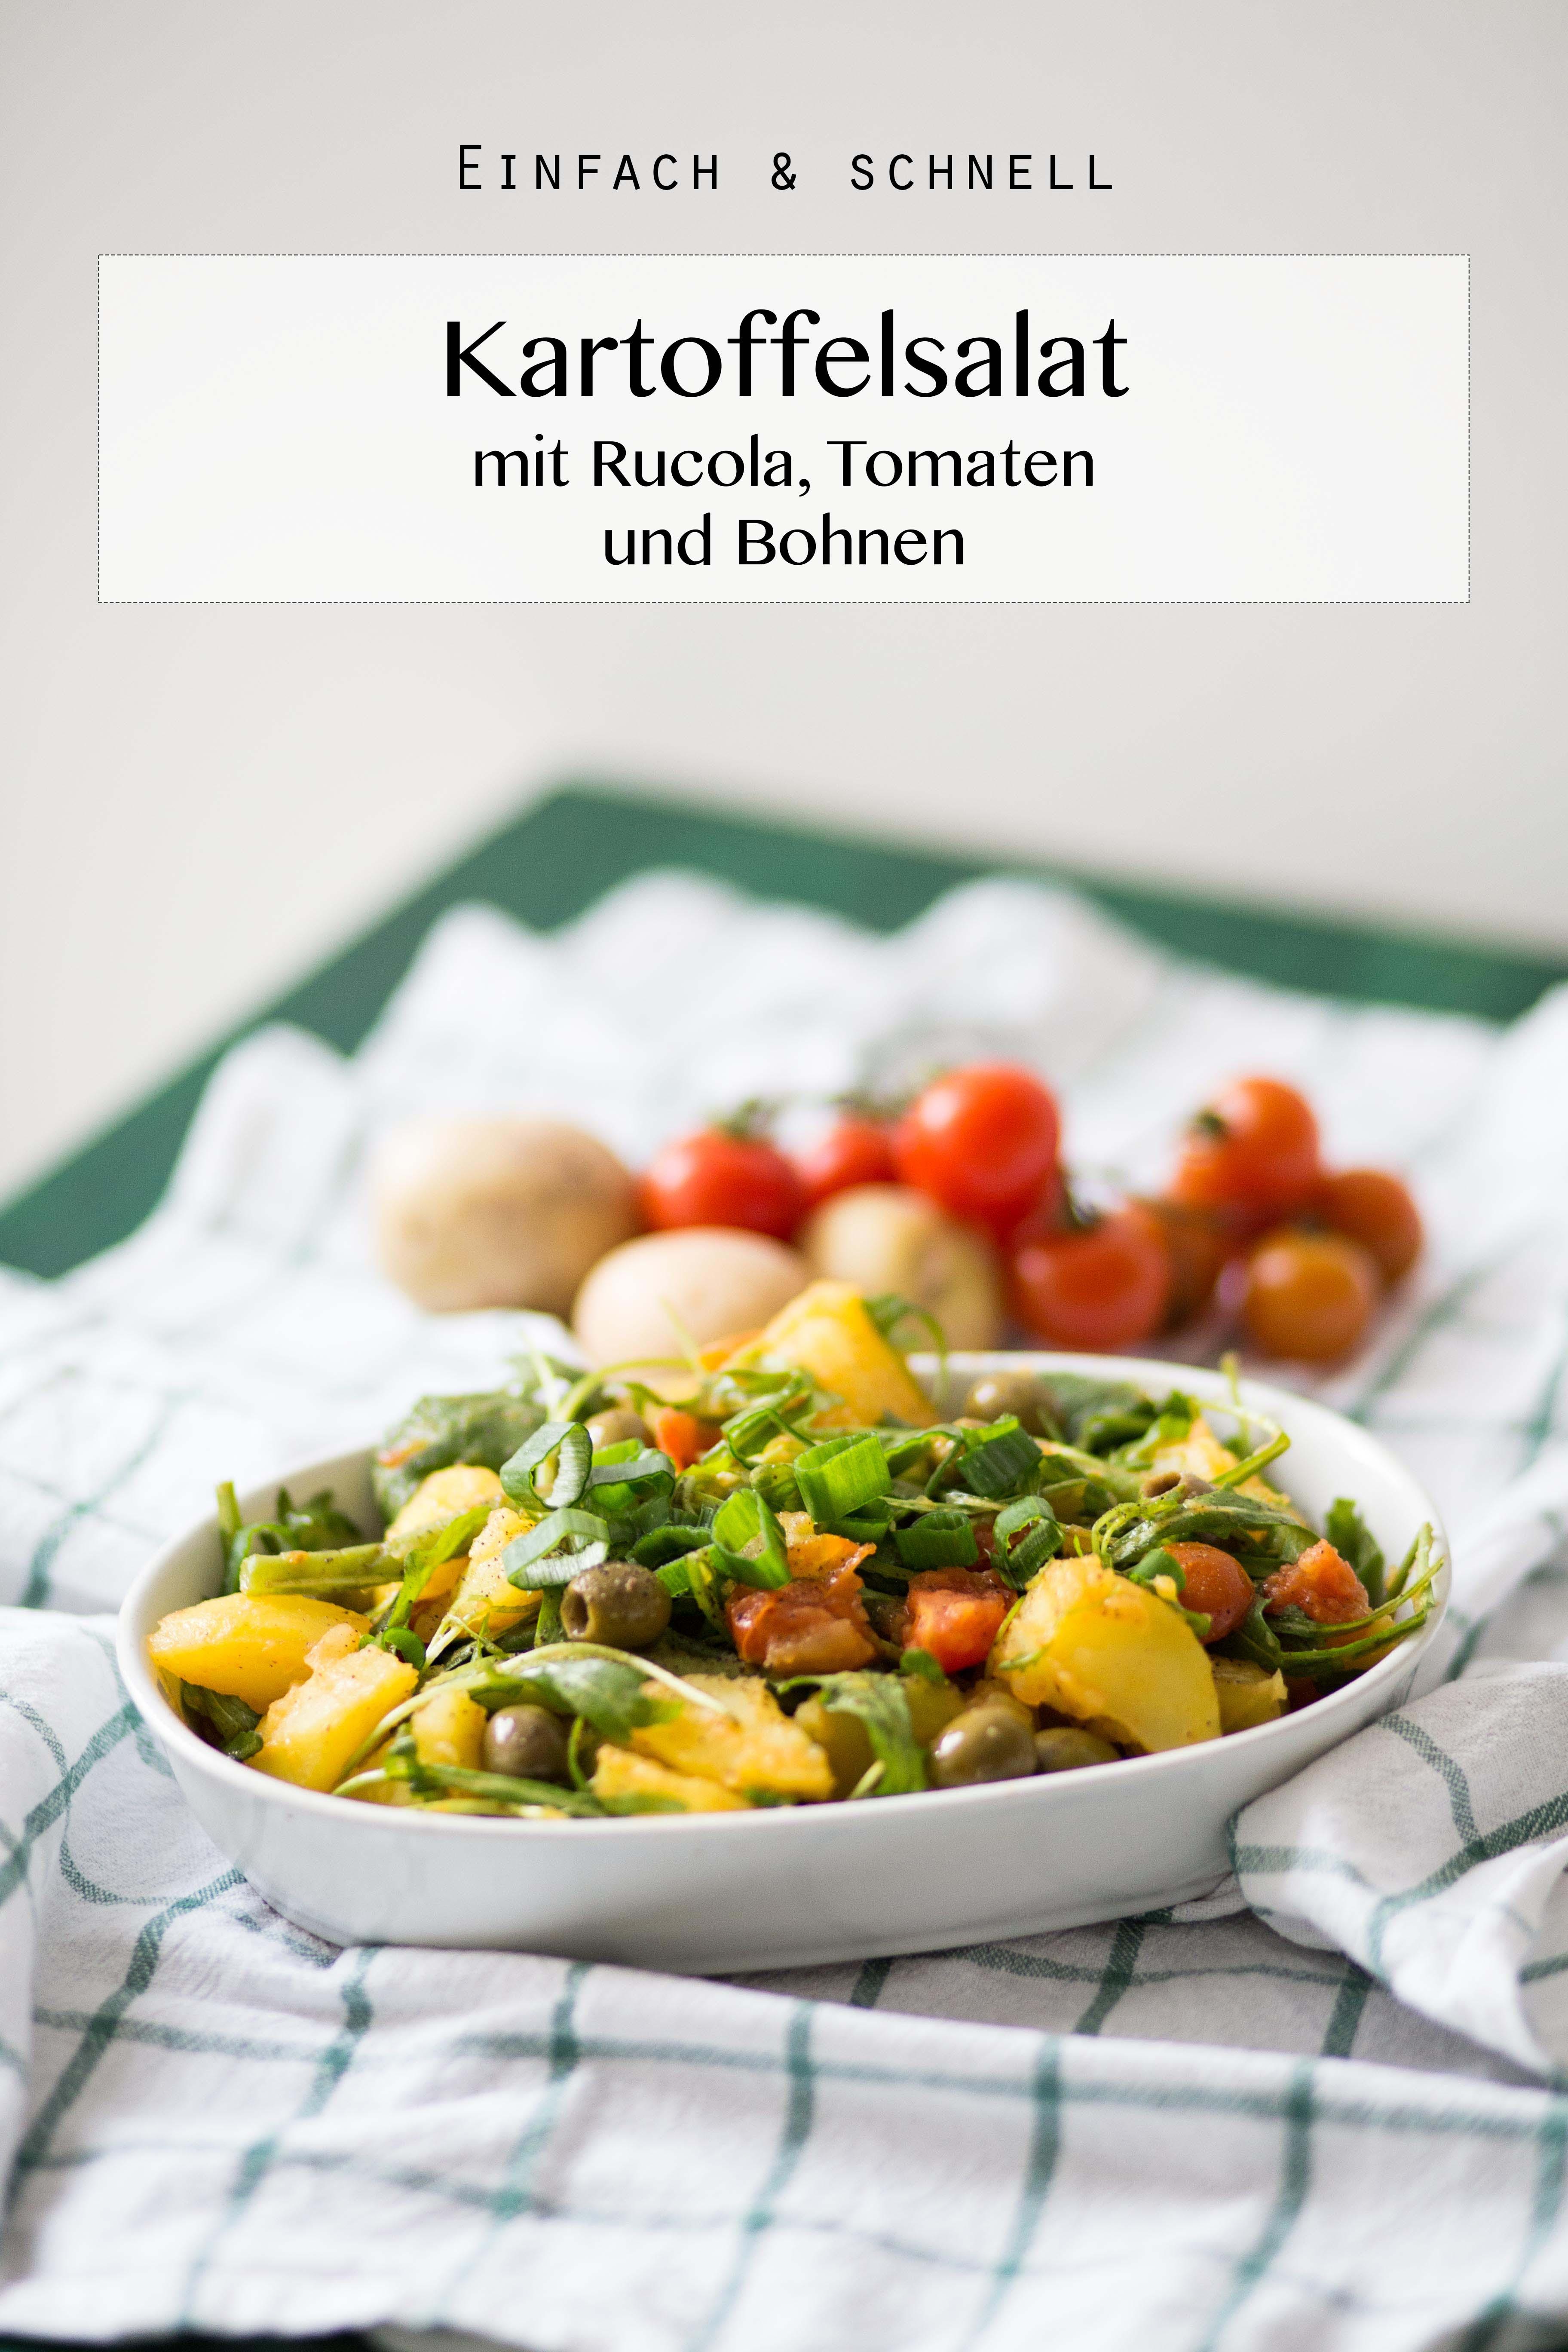 Kartoffelsalat mit Rucola, Tomaten und Bohnen